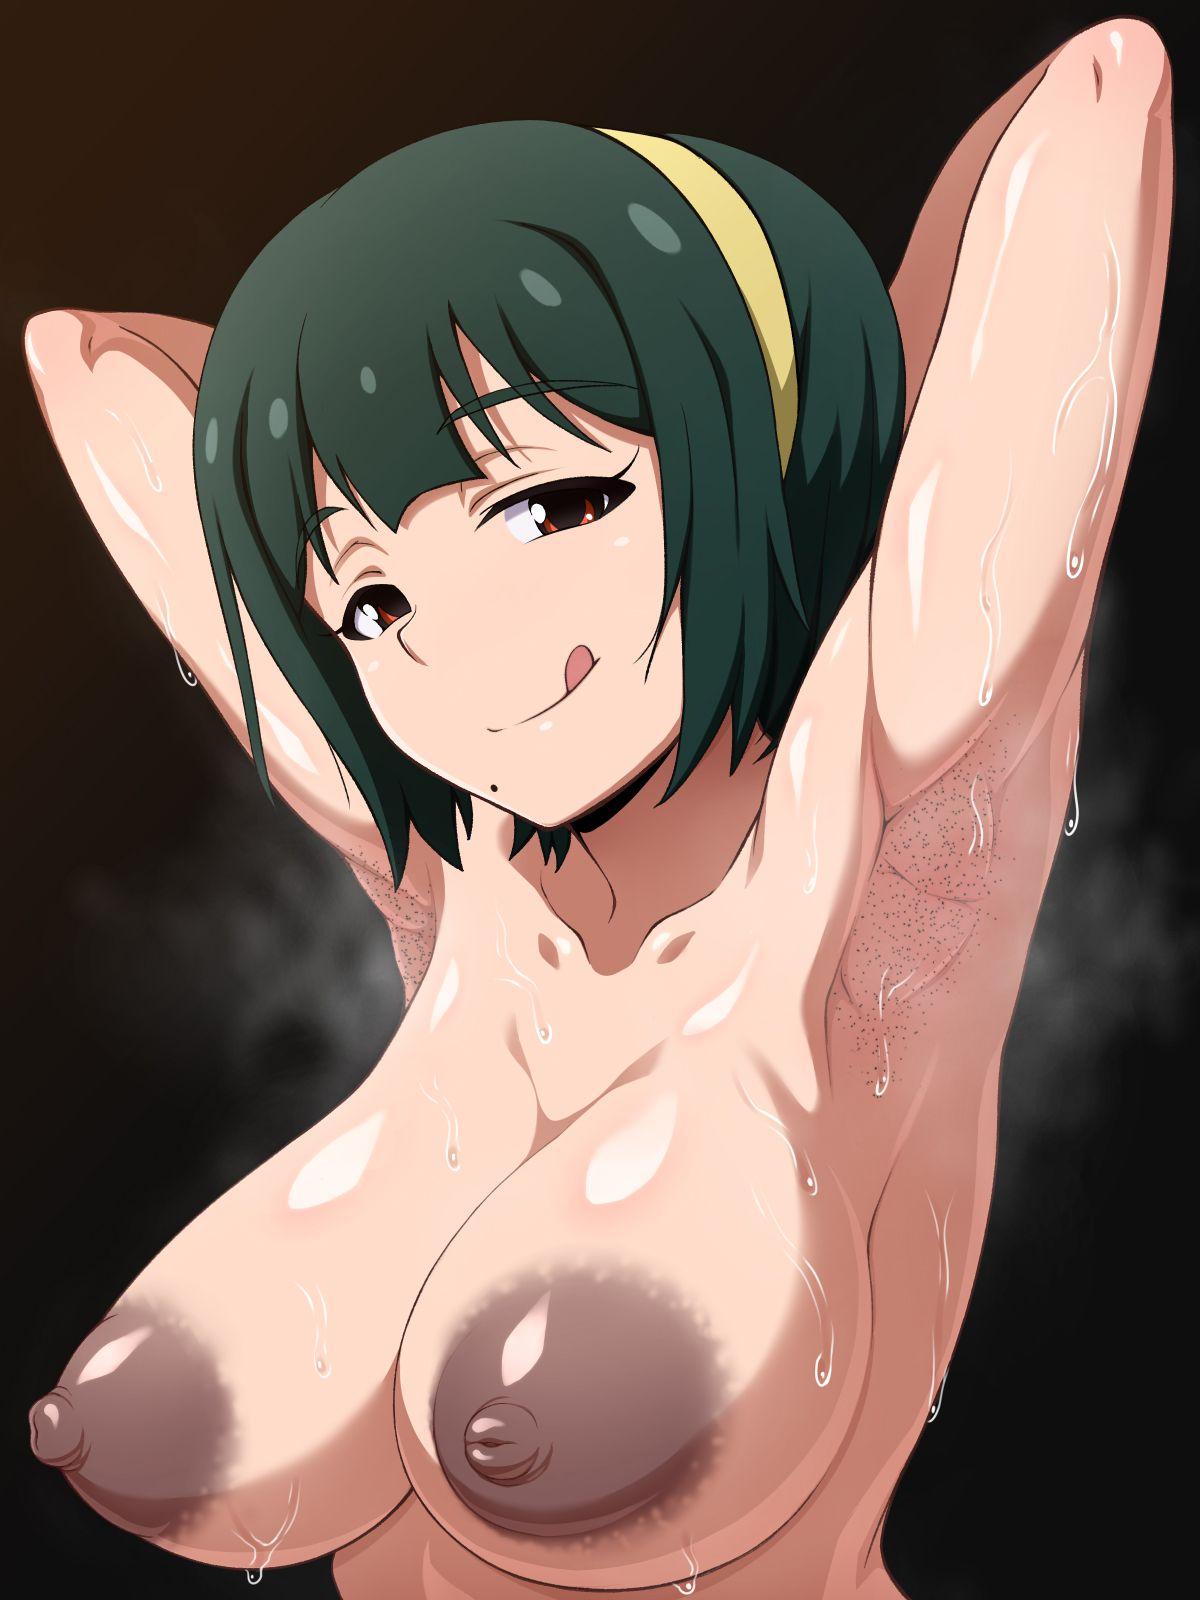 armpits hair steam118